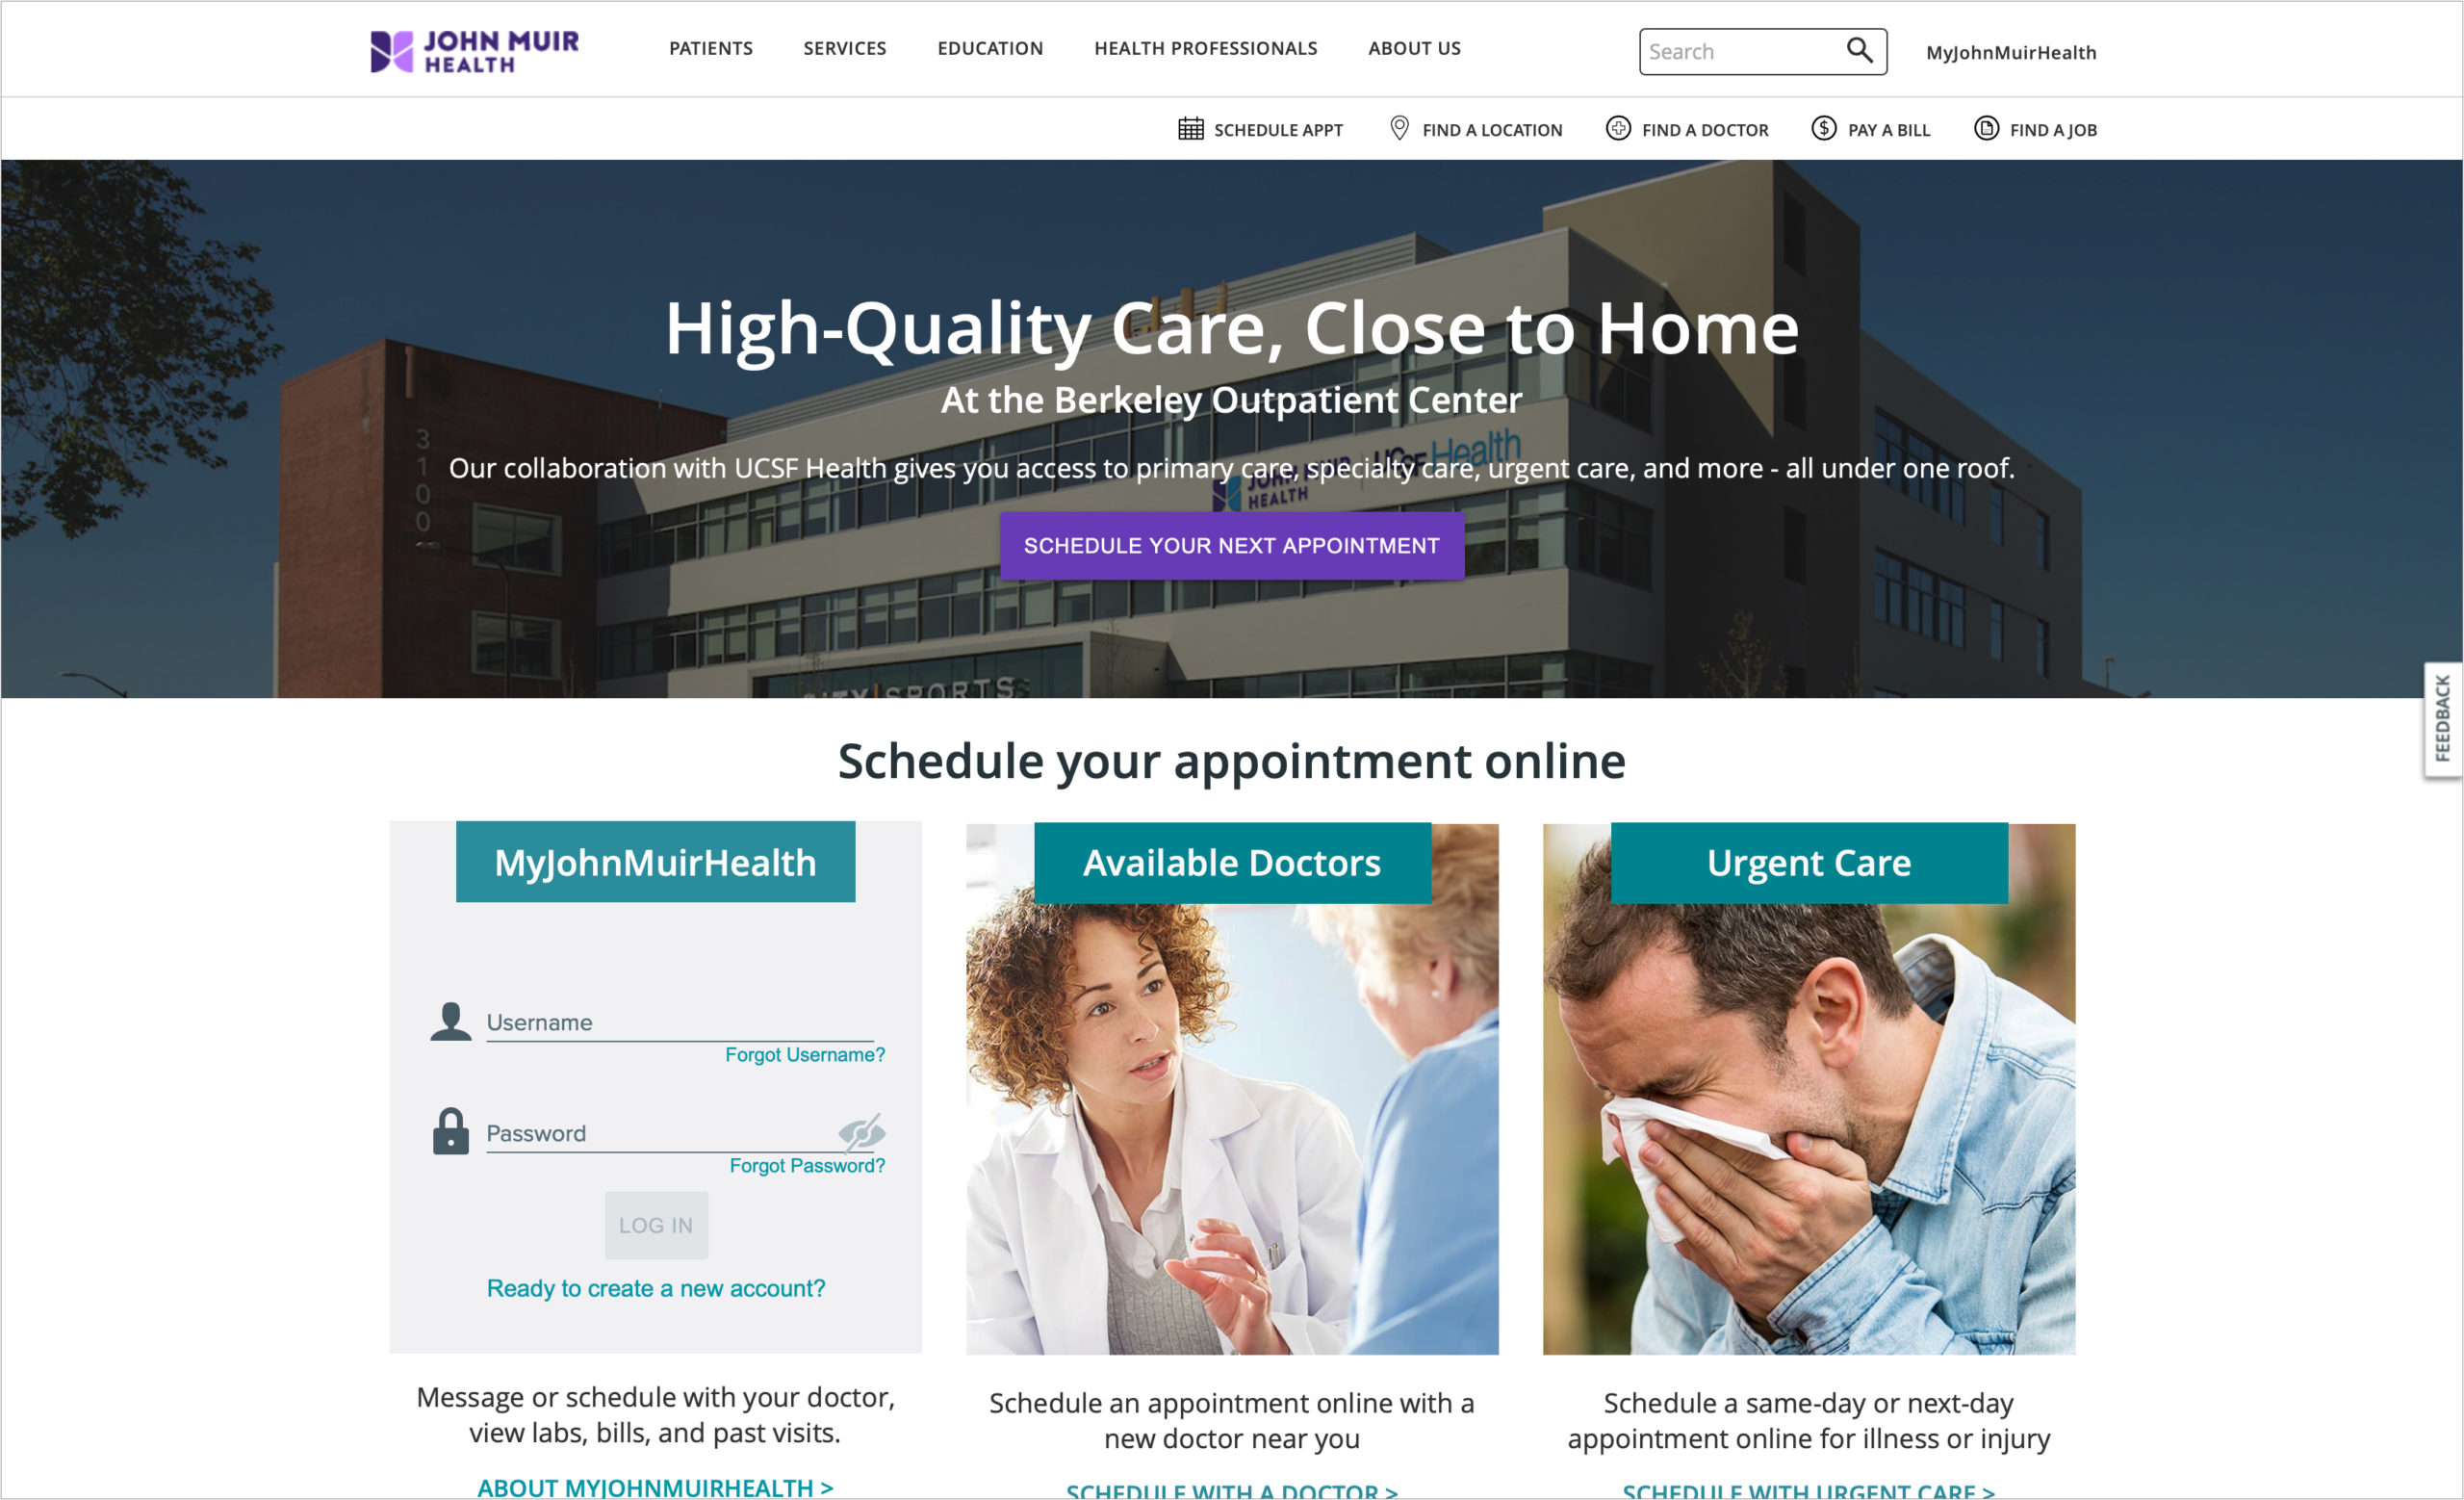 Homepage of John Muir Health